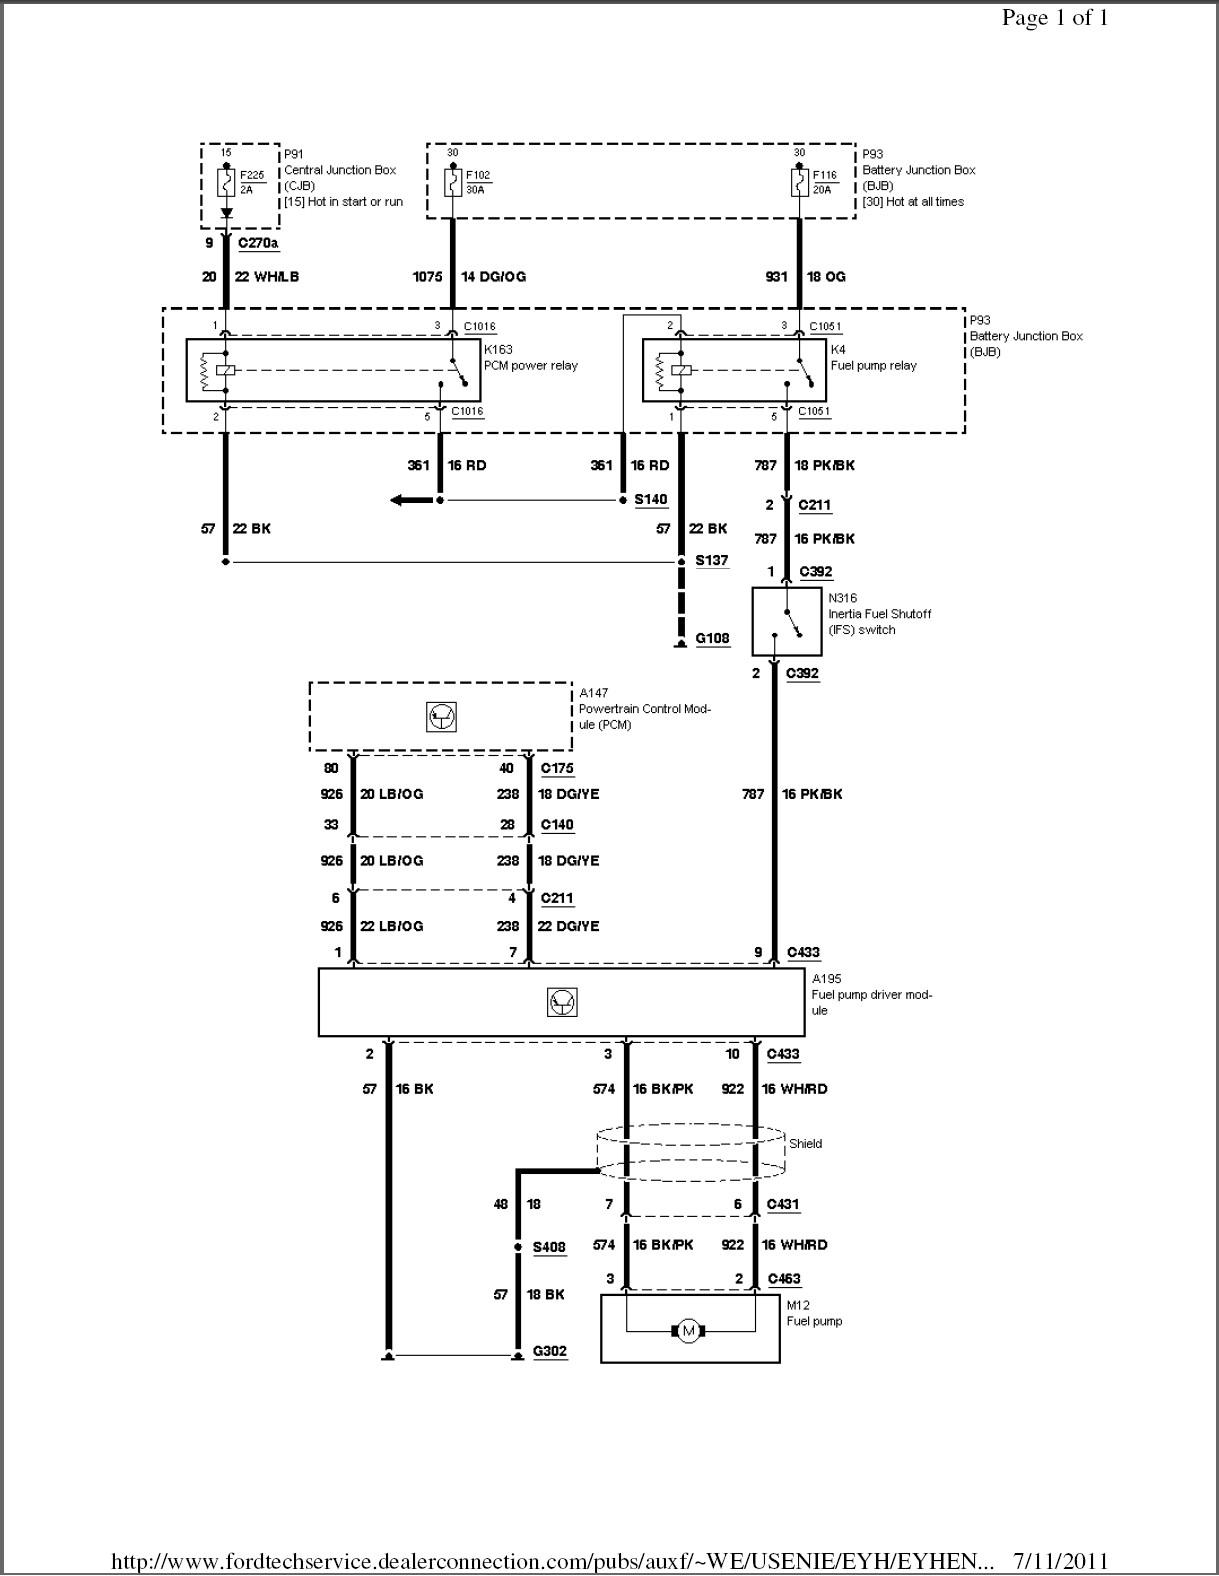 Lx450 Door Ajar Wiring Diagram